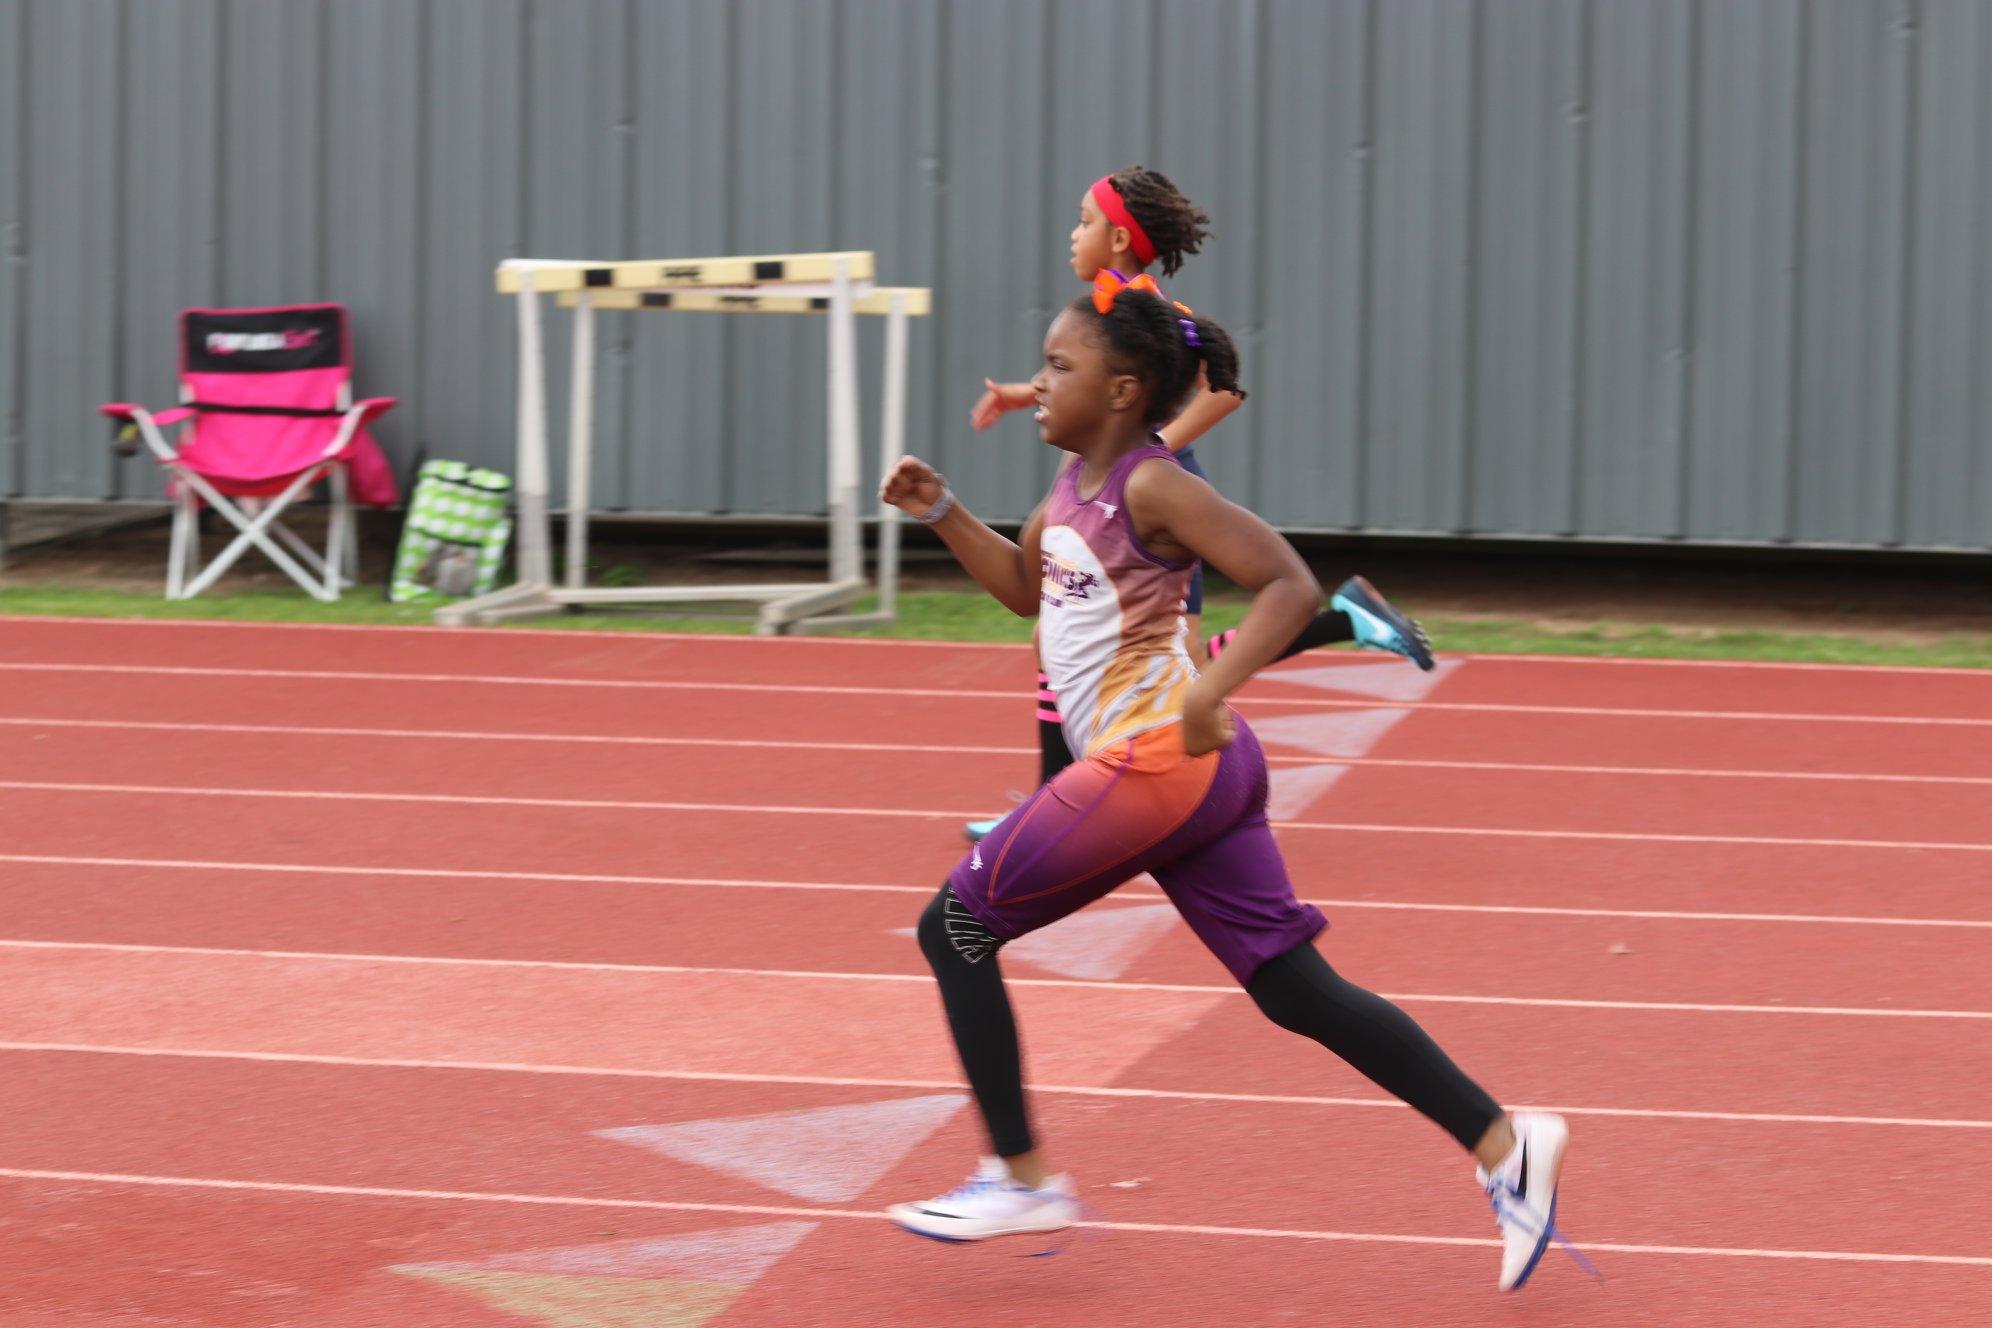 Navaeh running the 400